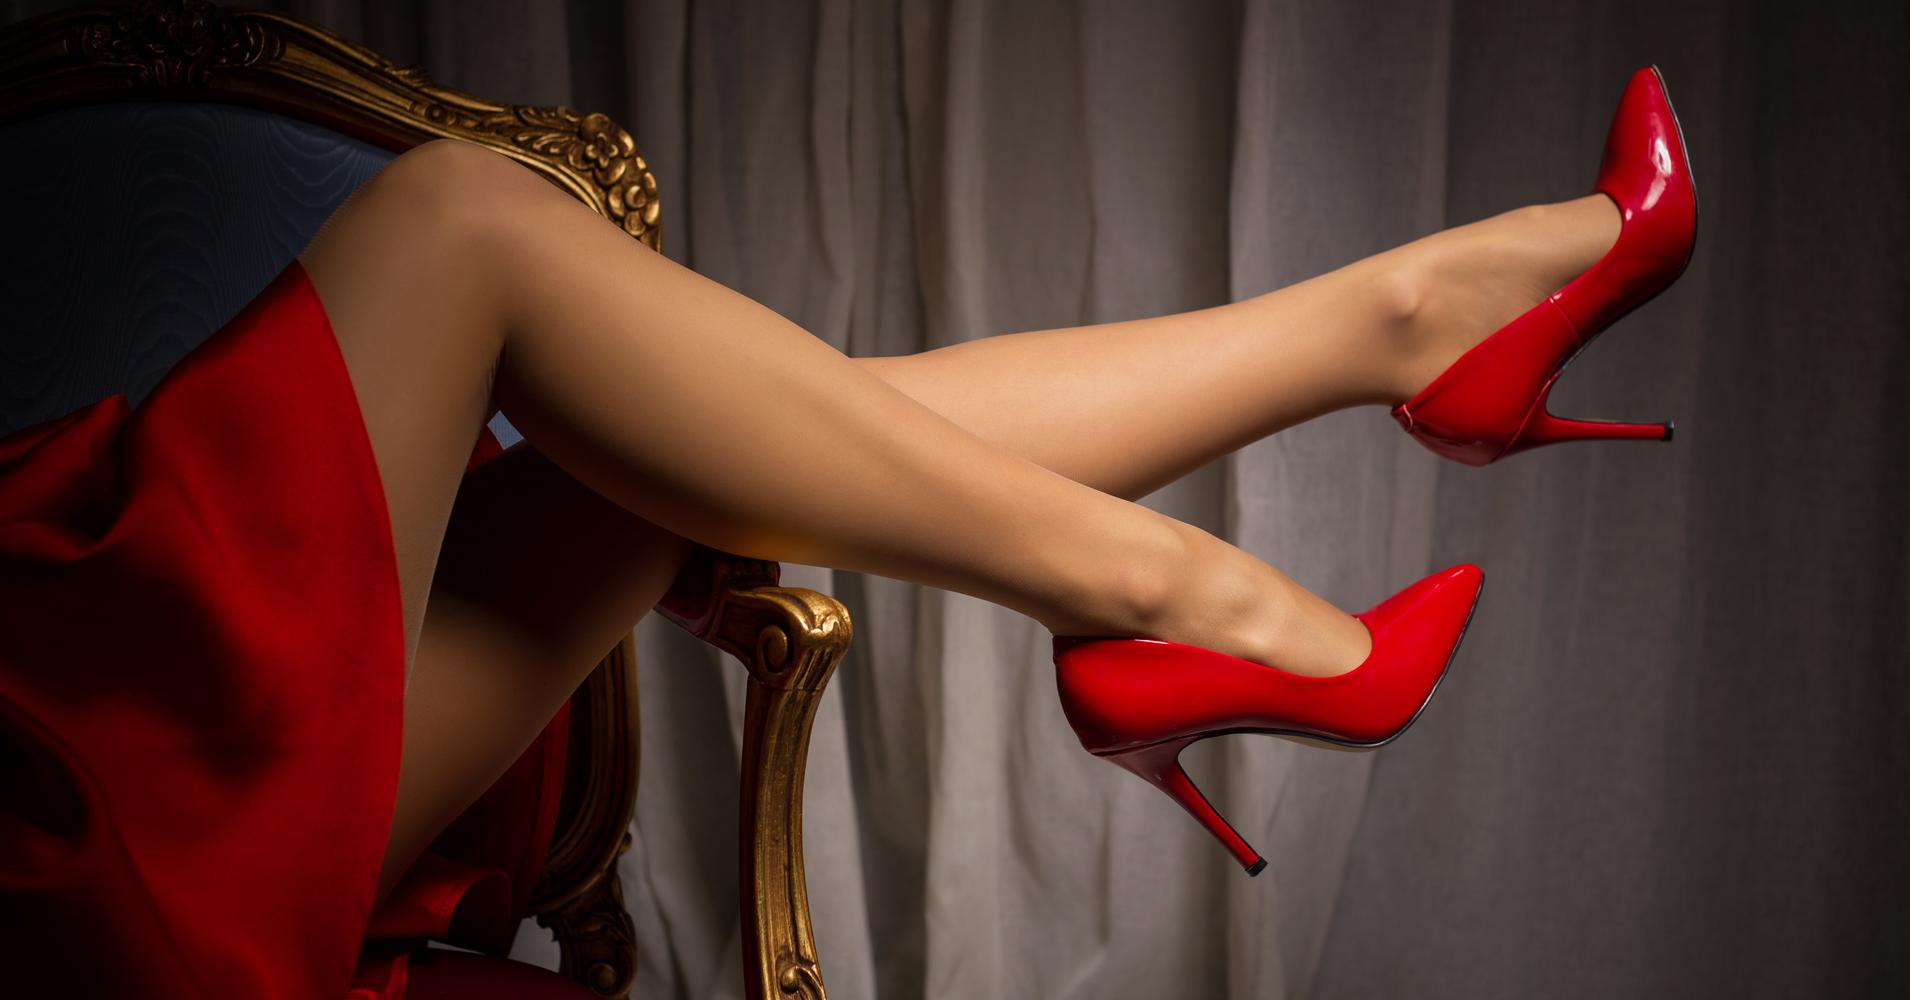 Краля в красных туфлях очень высоко задирает ножку вверх